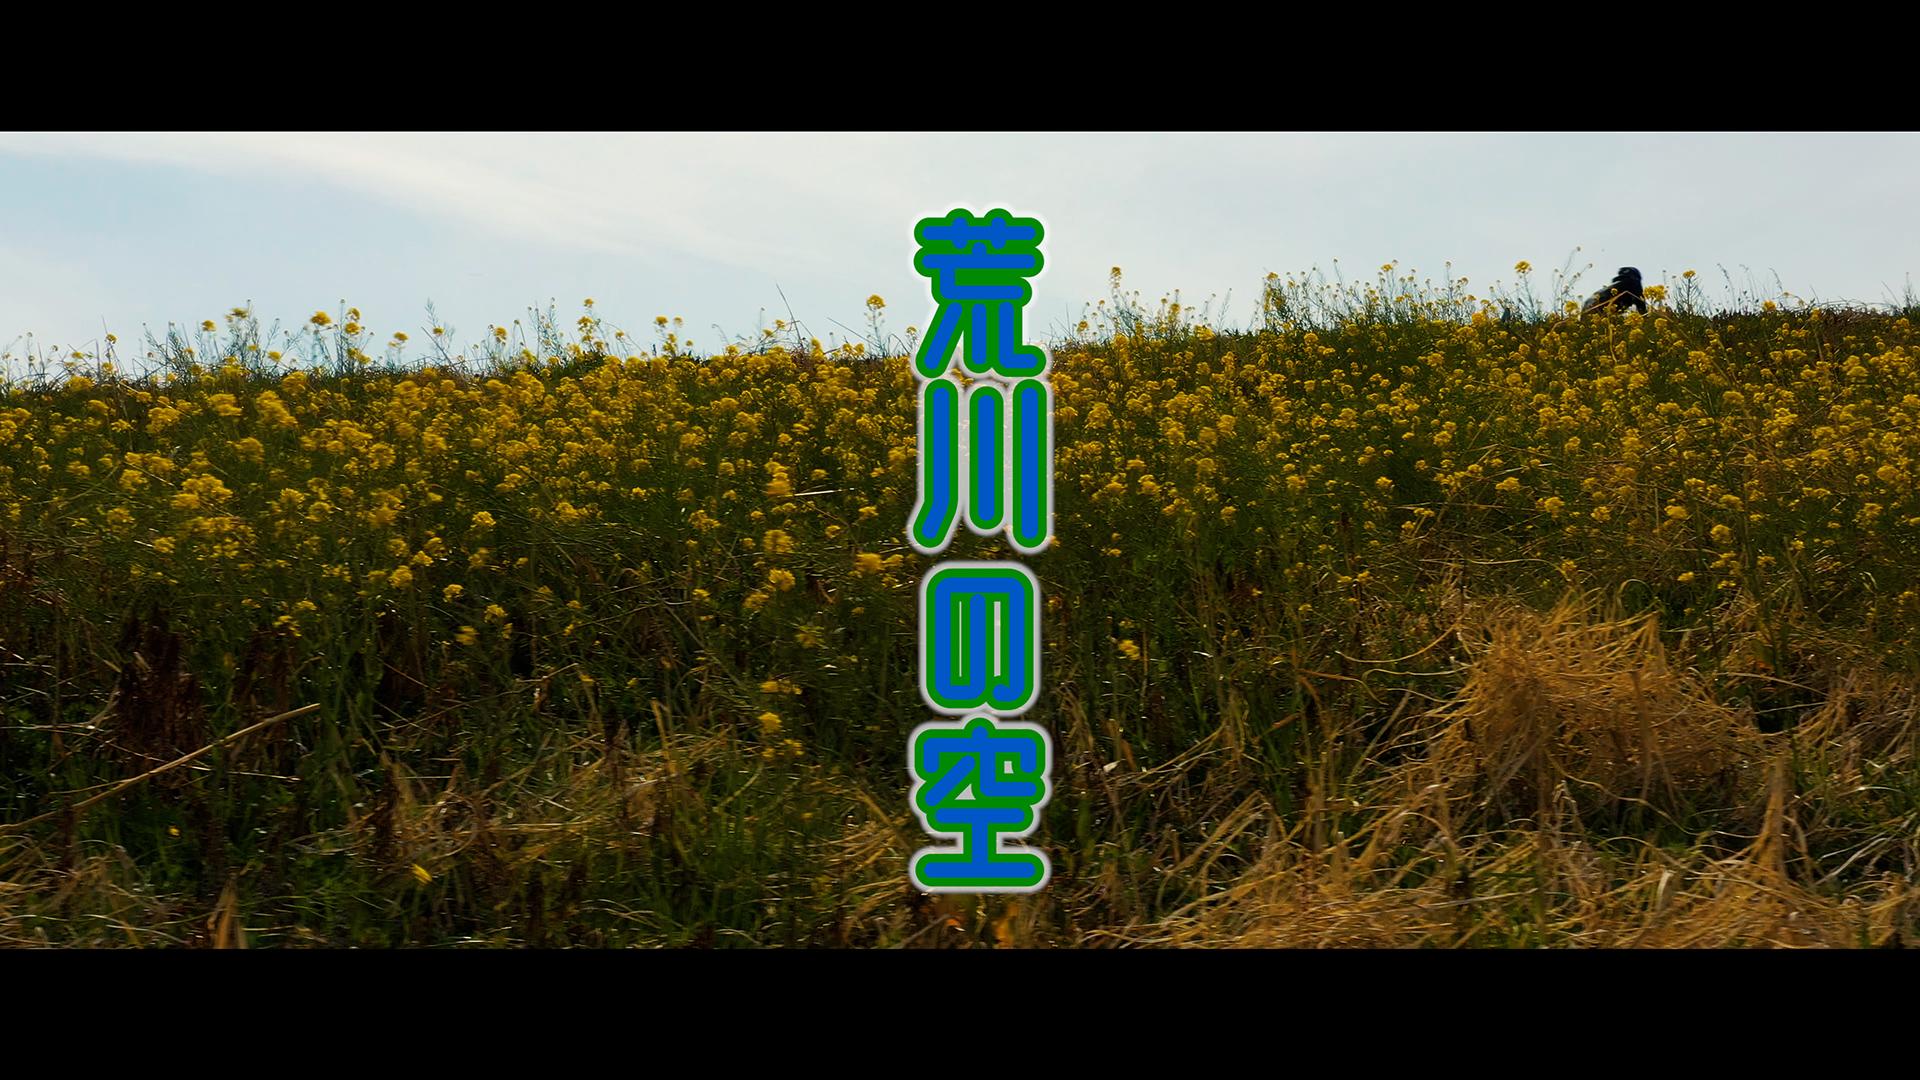 荒川の空 2021「春」- DJI Mavic2 Proで空撮